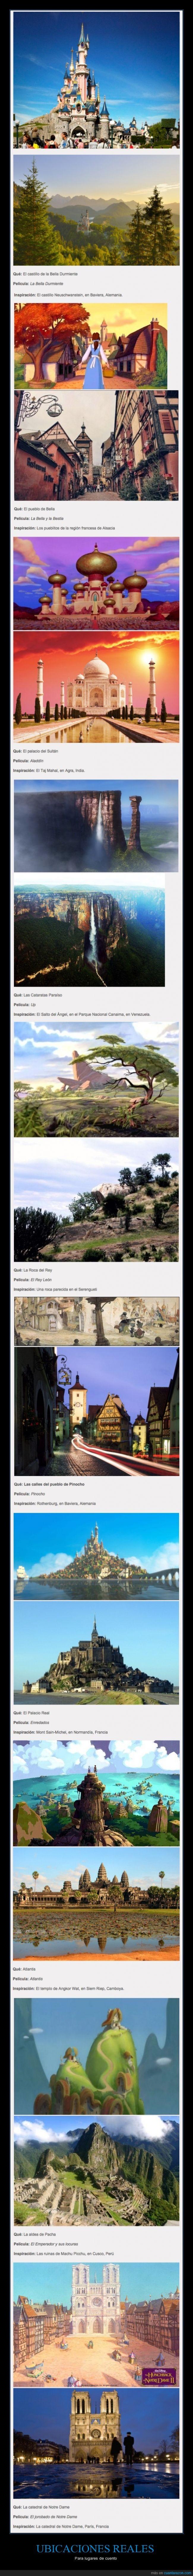 alemania,cuento,disney,ejemplo,historia,inspiracion,Notre Dame era obvio,real,ubicación